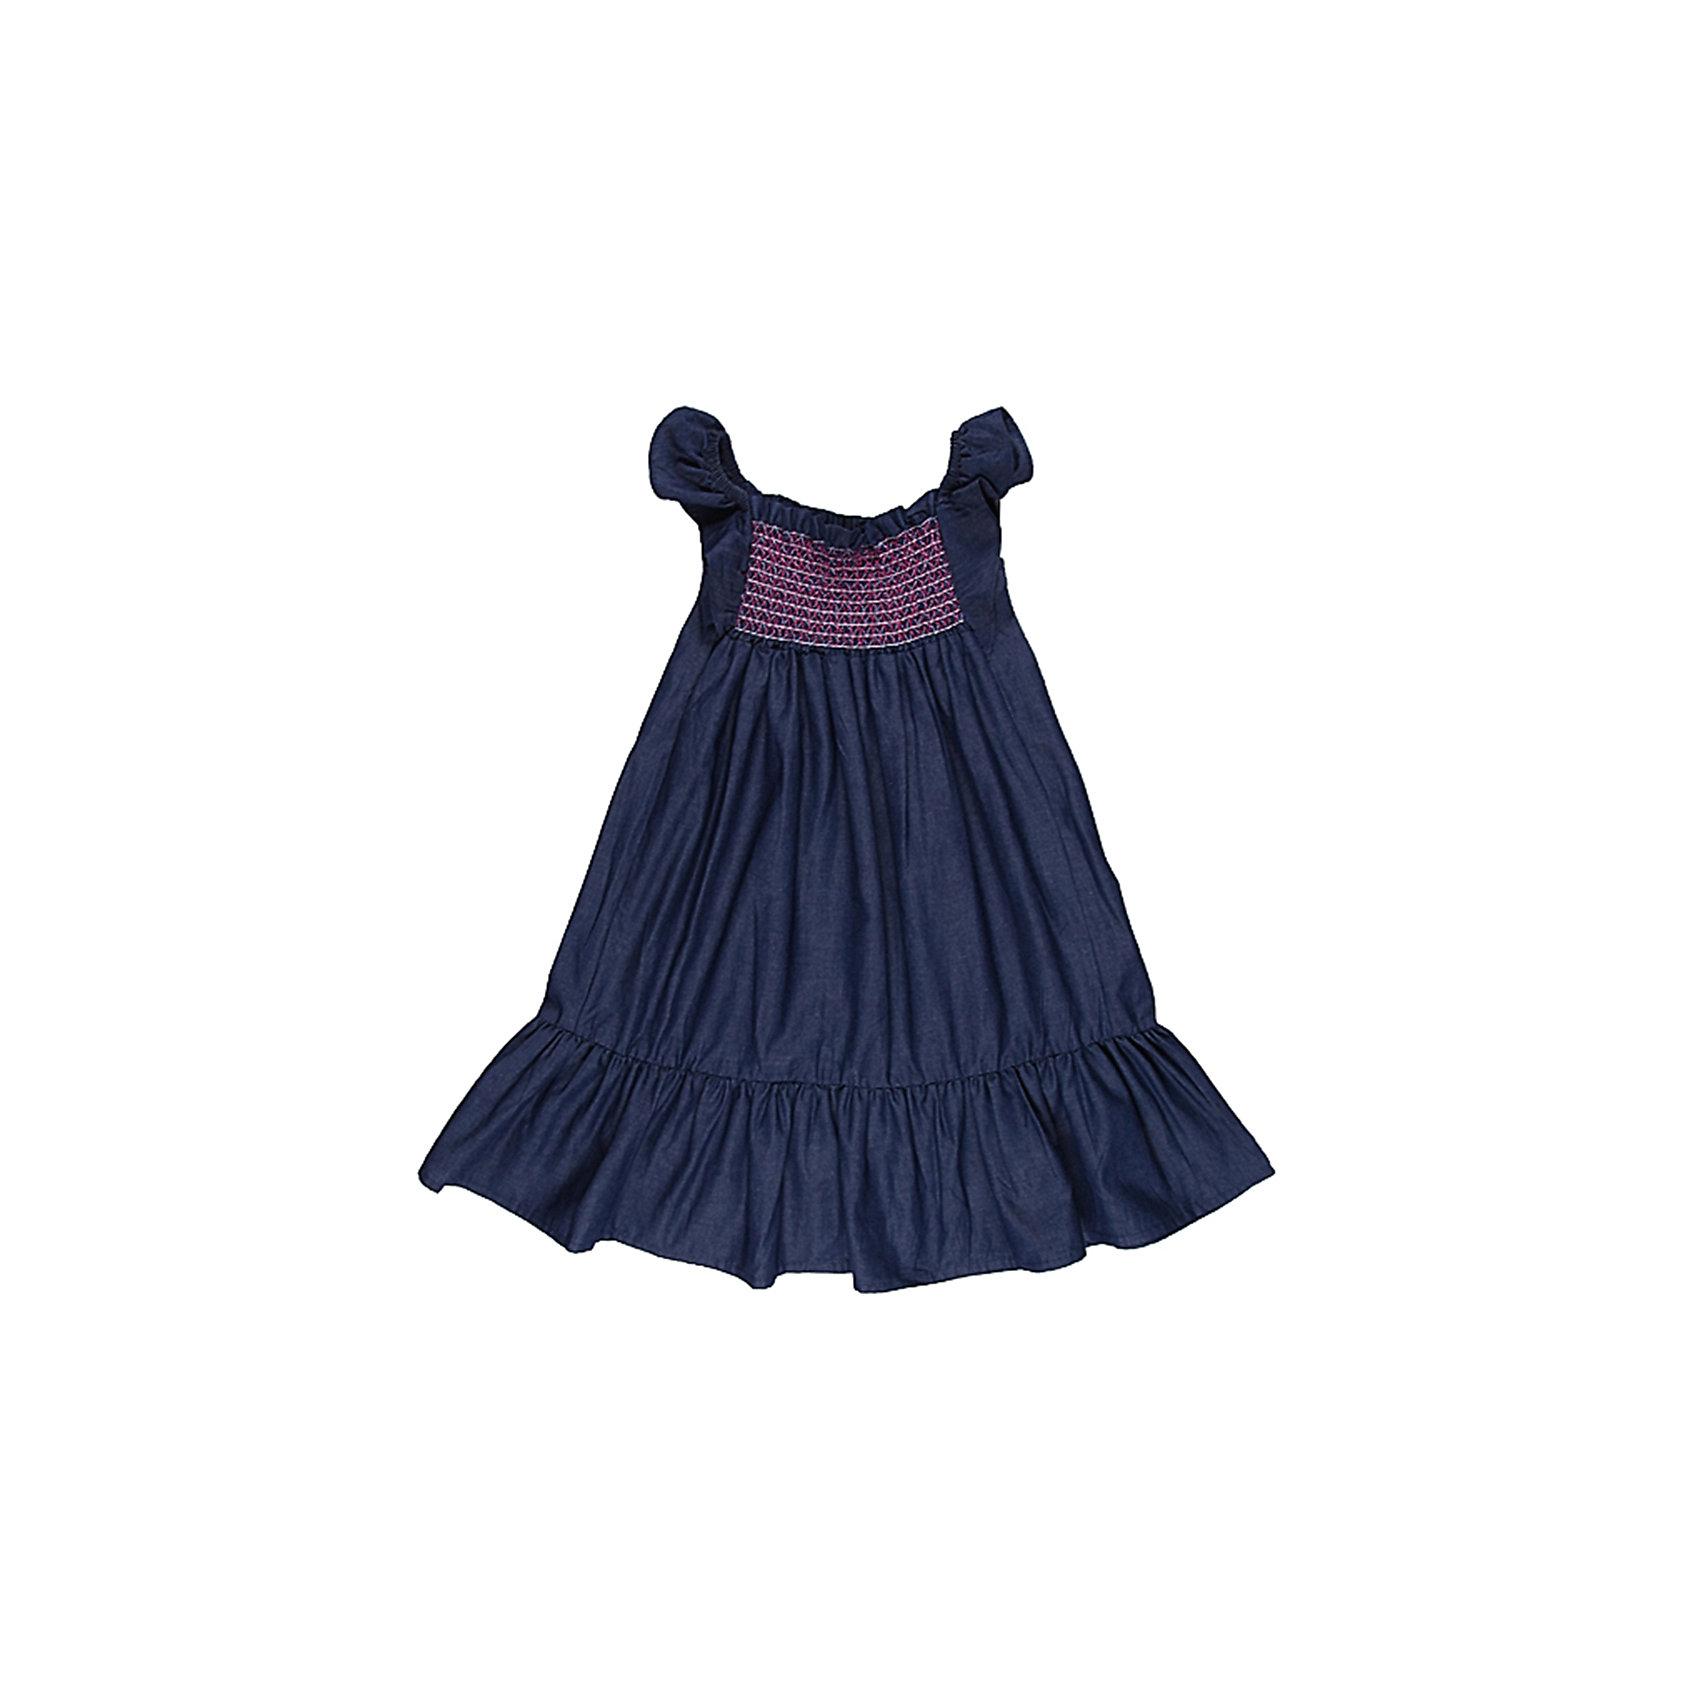 Сарафан джинсовый для девочки Sweet BerryДжинсовая одежда<br>Сарафан на девочку из тонкой джинсы, рукава-крылышки, лиф прошит разноцветными эластичными нитками, по низу пришита широкая оборка.<br>Состав:<br>100% хлопок<br><br>Ширина мм: 236<br>Глубина мм: 16<br>Высота мм: 184<br>Вес г: 177<br>Цвет: синий<br>Возраст от месяцев: 24<br>Возраст до месяцев: 36<br>Пол: Женский<br>Возраст: Детский<br>Размер: 98,128,122,110,116,104<br>SKU: 4521318